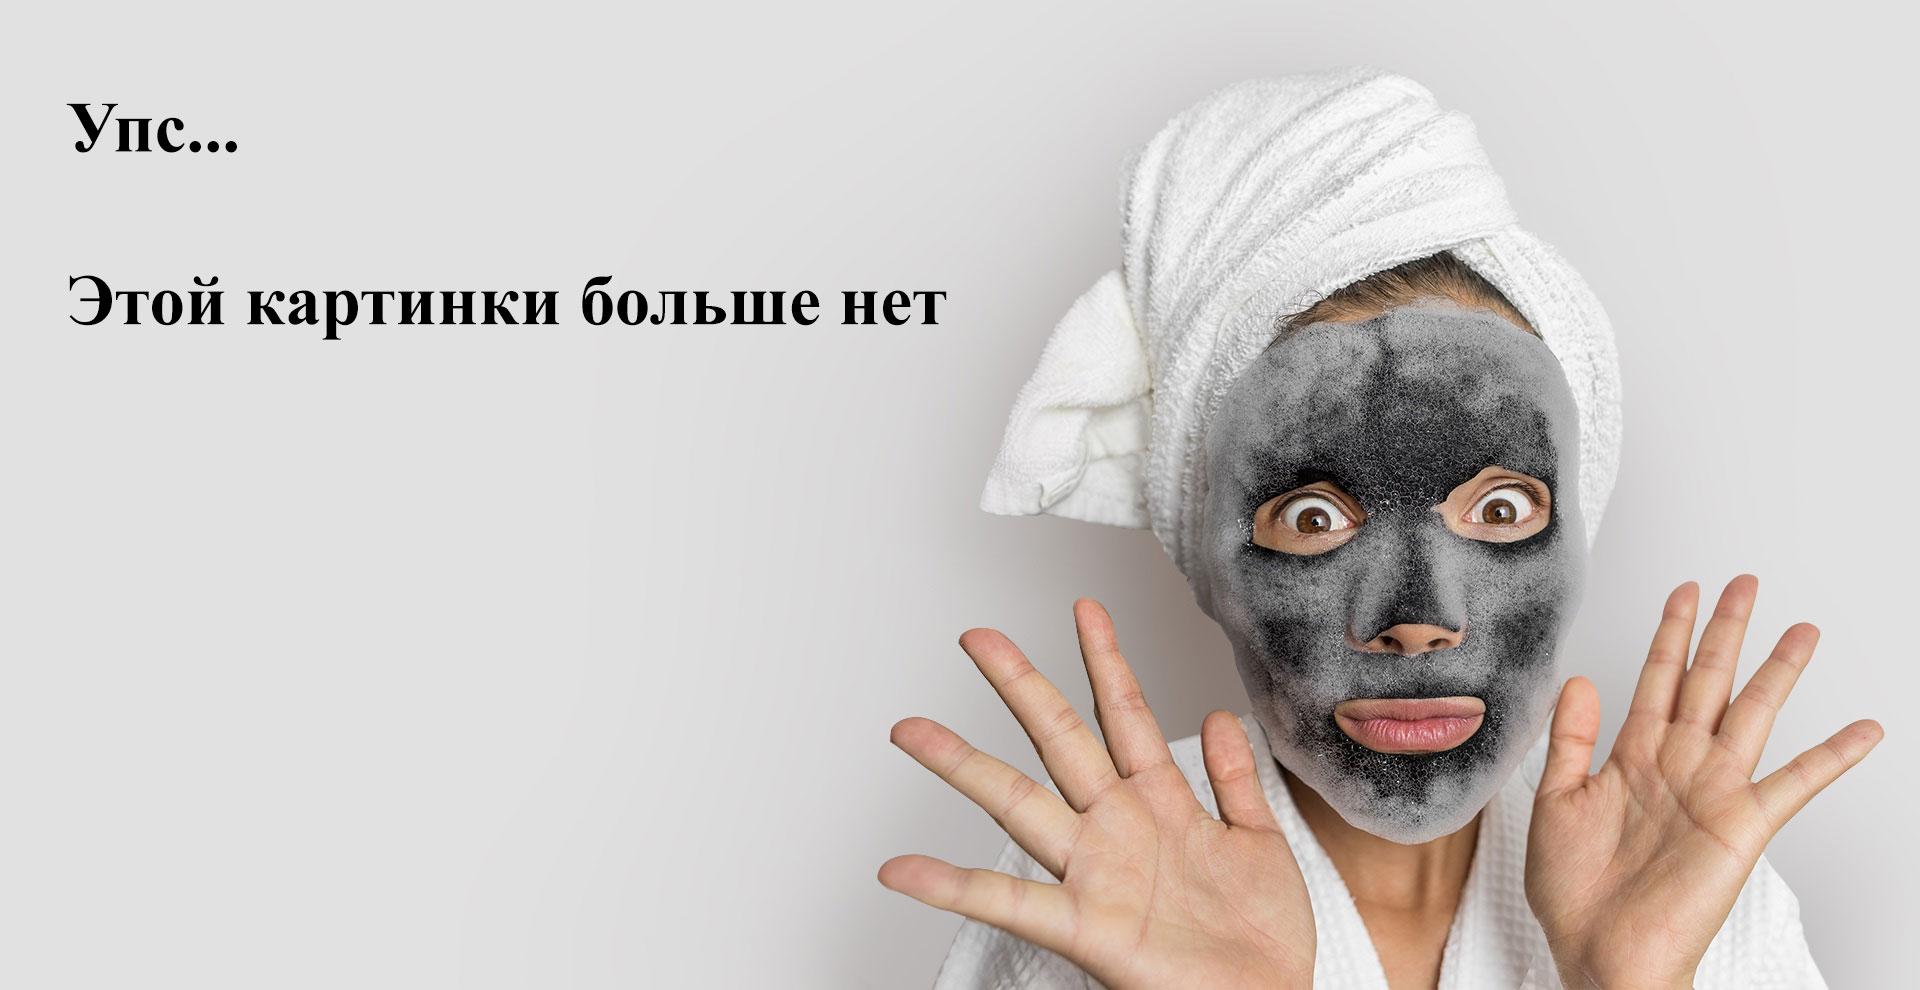 Vogue Nails, Гель-лак Эндорфин